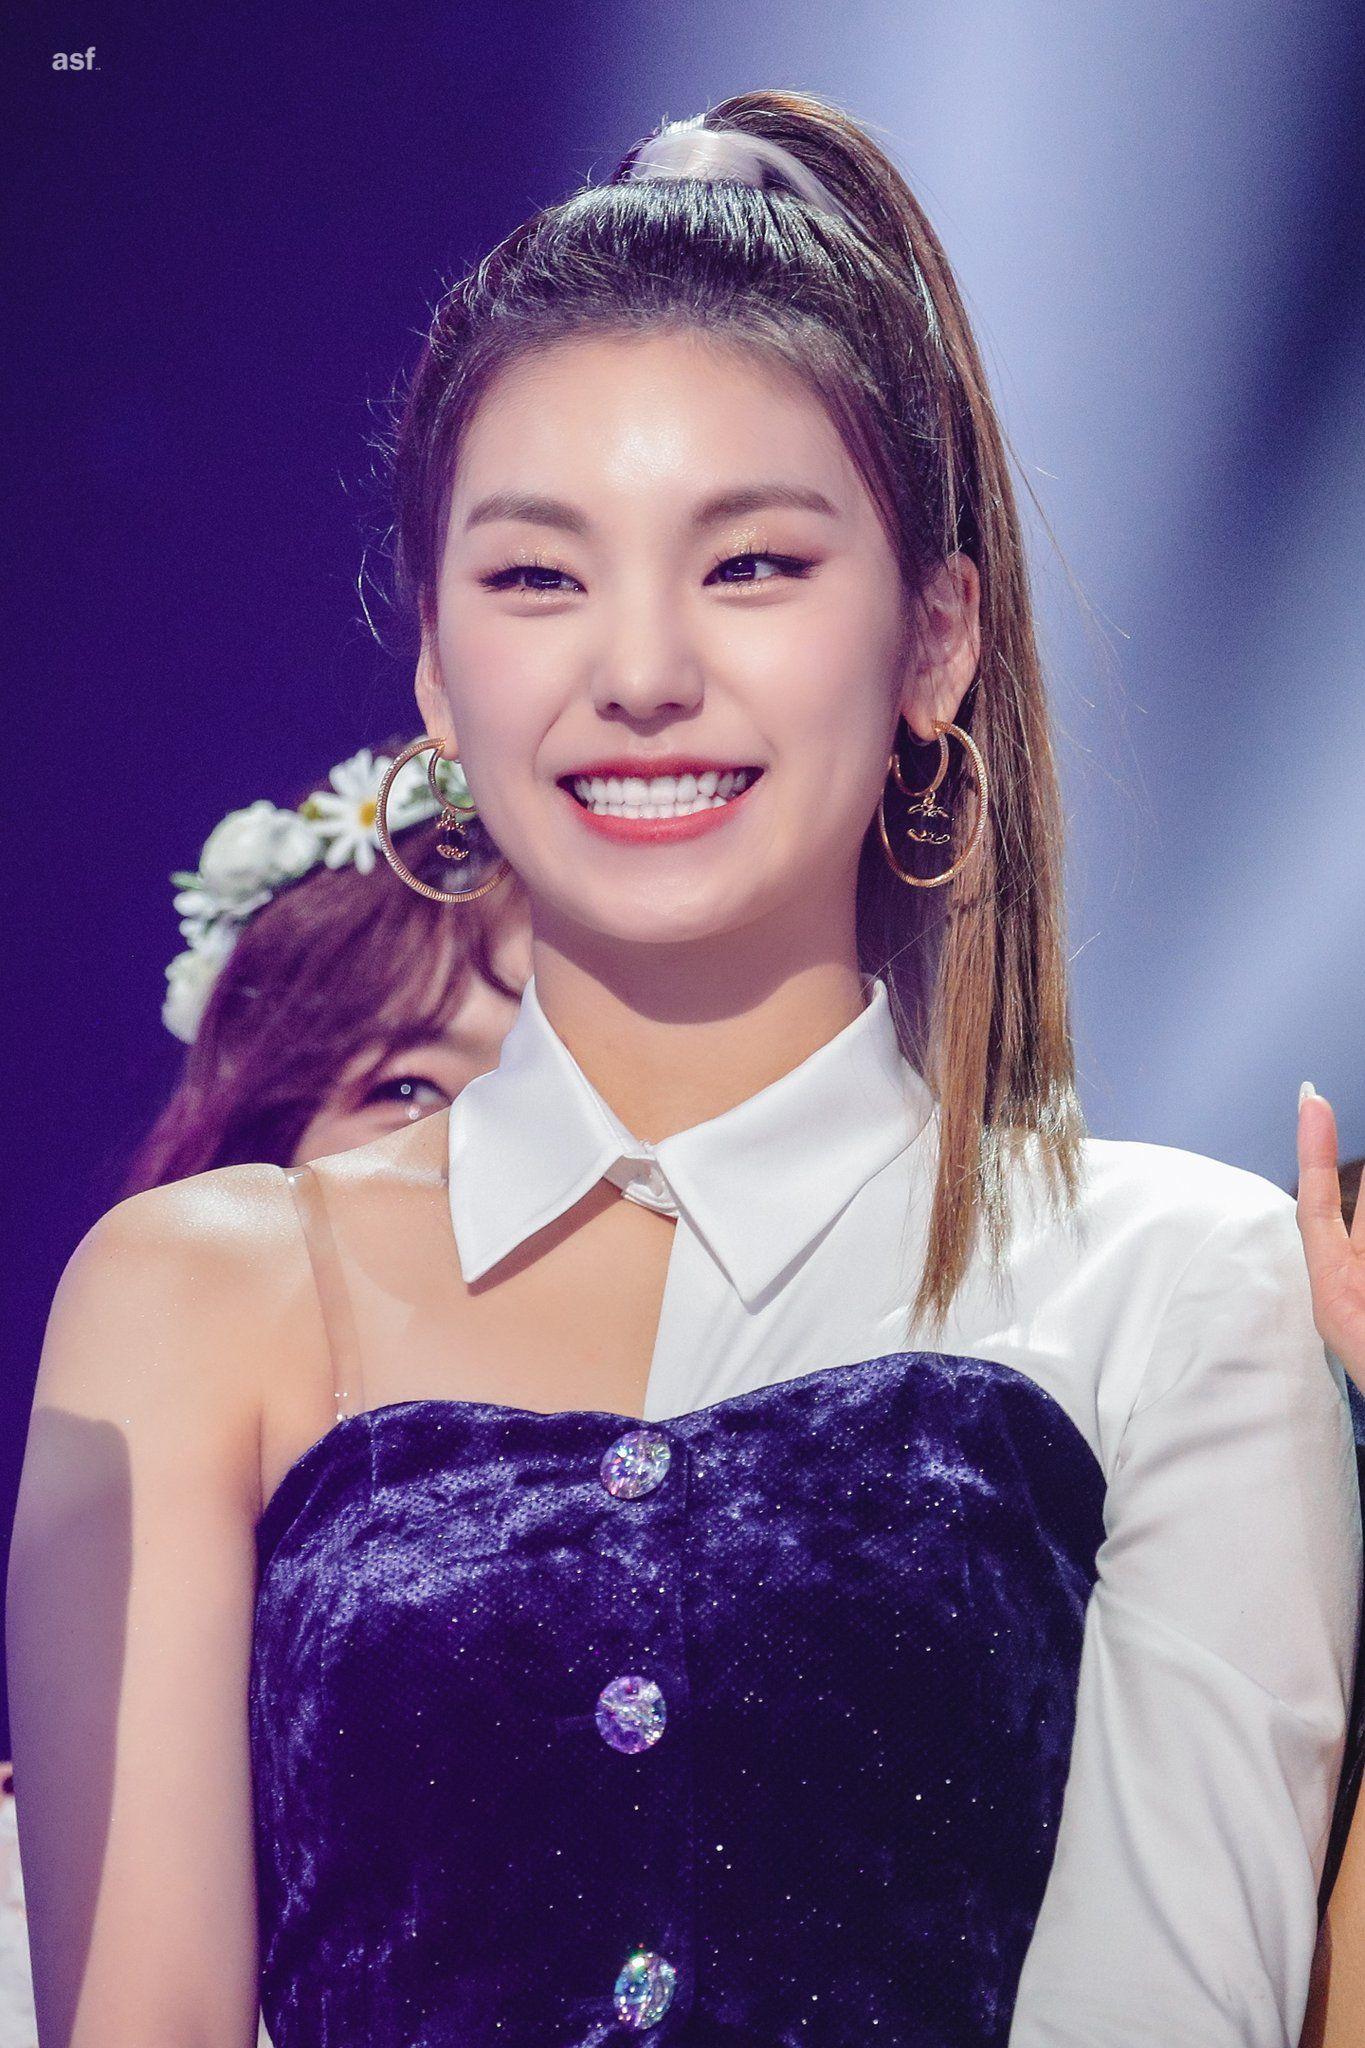 Amour Sans Fin On Twitter In 2020 Itzy Kpop Girls Girl